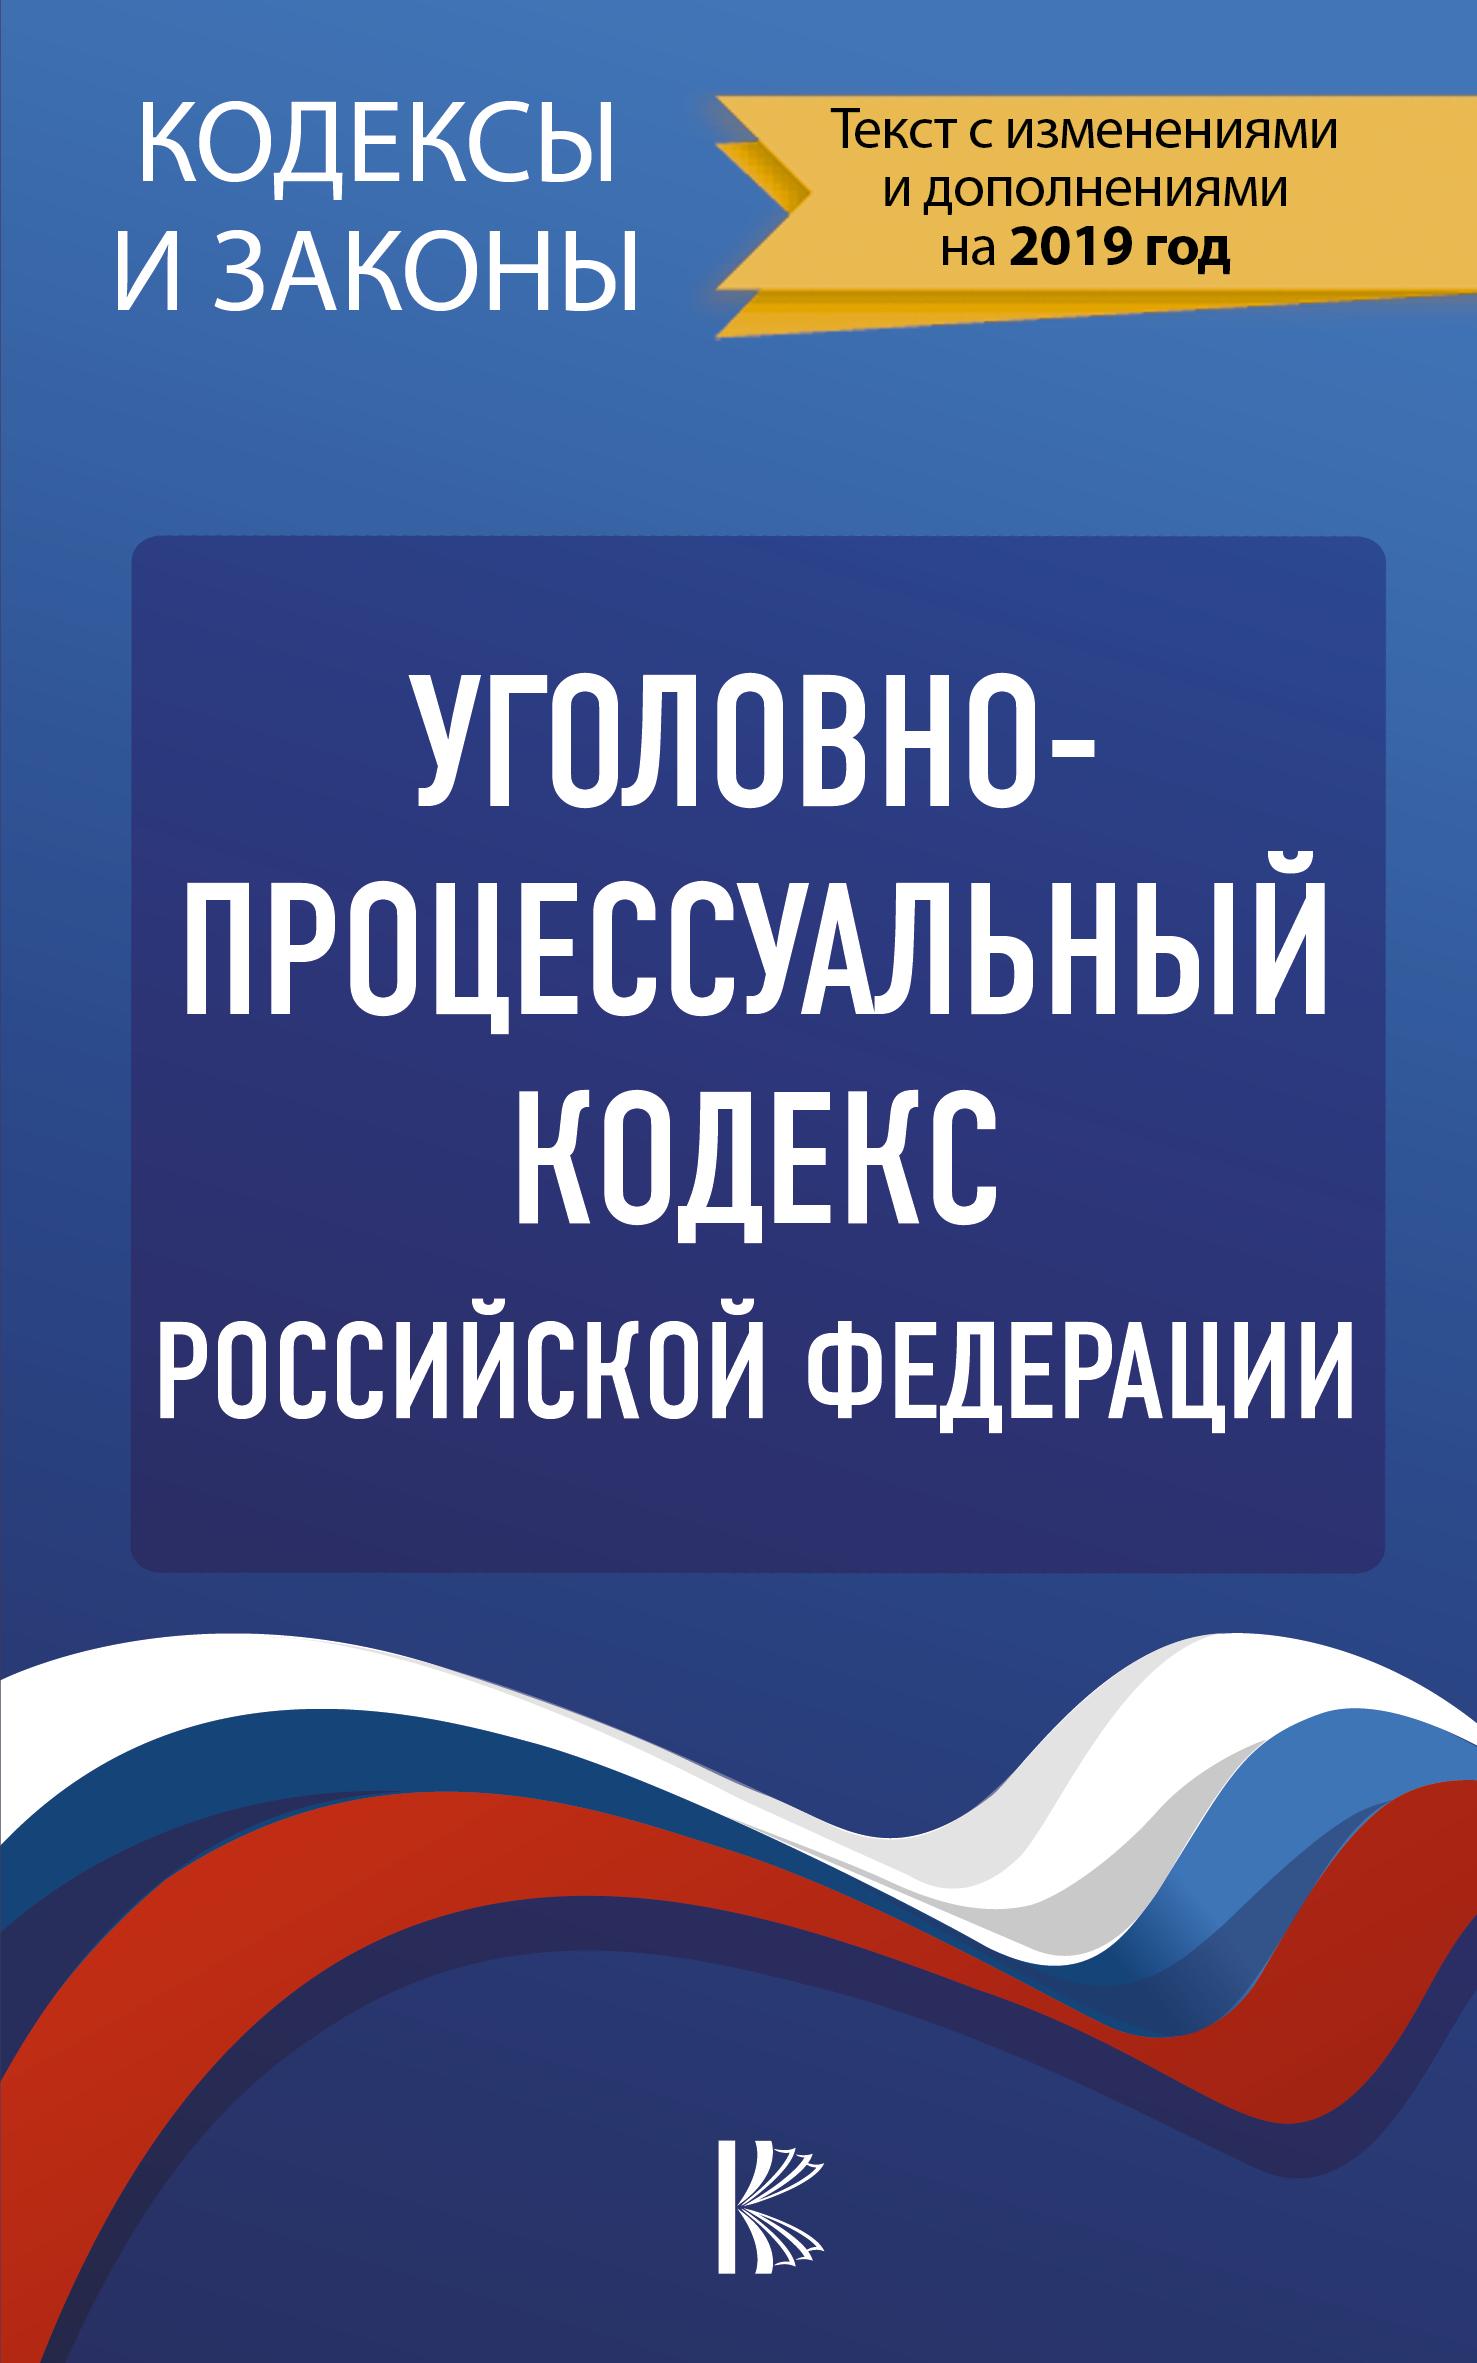 . Уголовно-процессуальный кодекс Российской Федерации на 2019 год уголовно исполнительный кодекс российской федерации по состоянию на 2012 год isbn 9785425206558